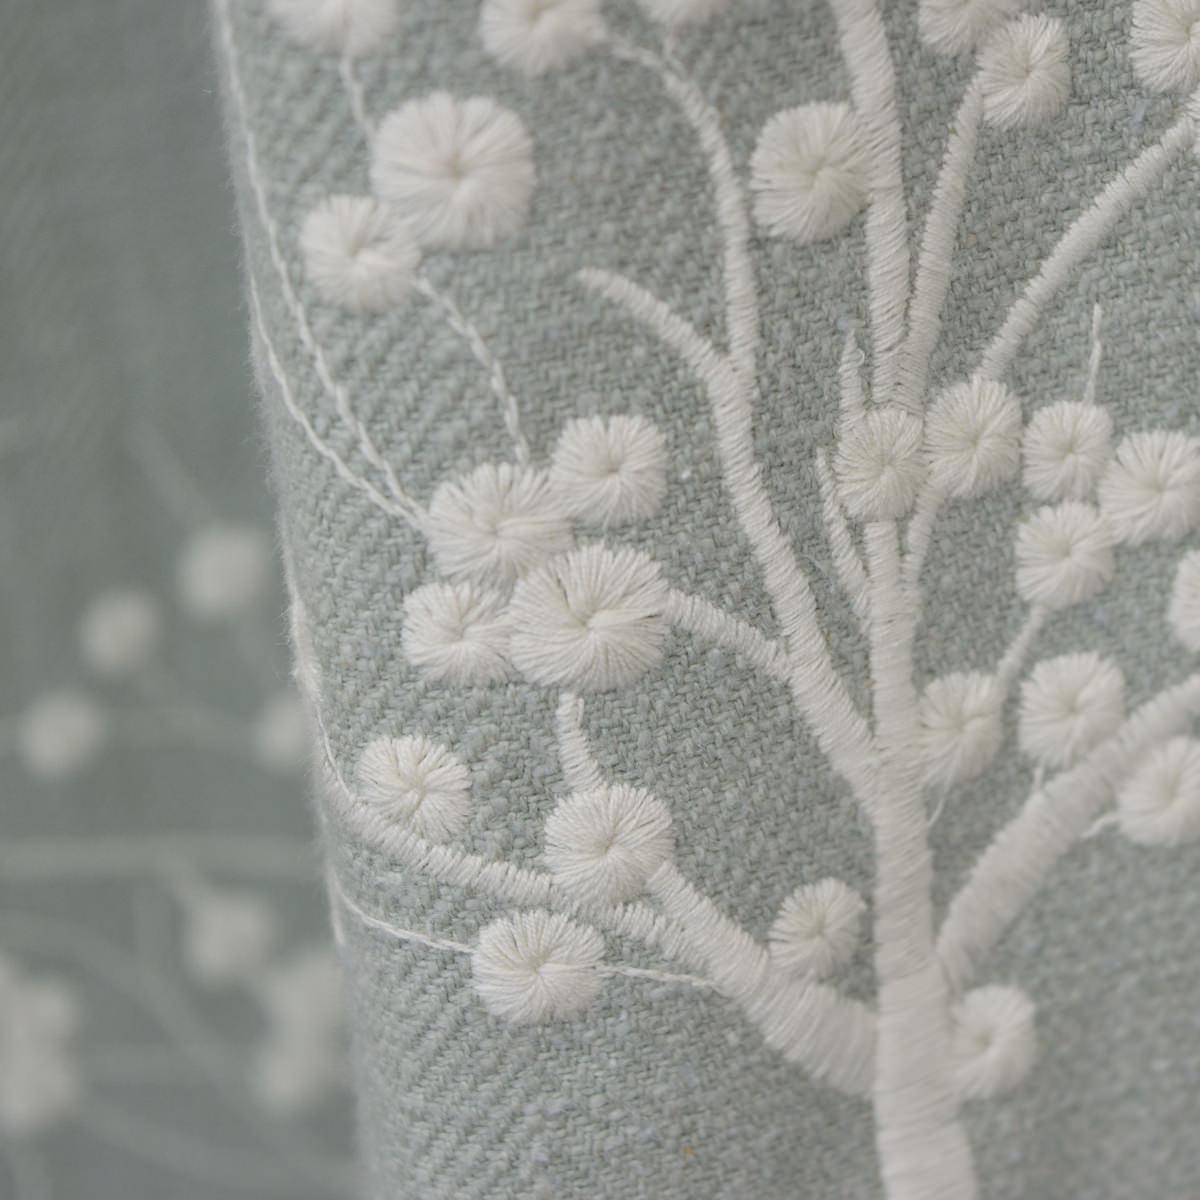 刺繍部分の接写